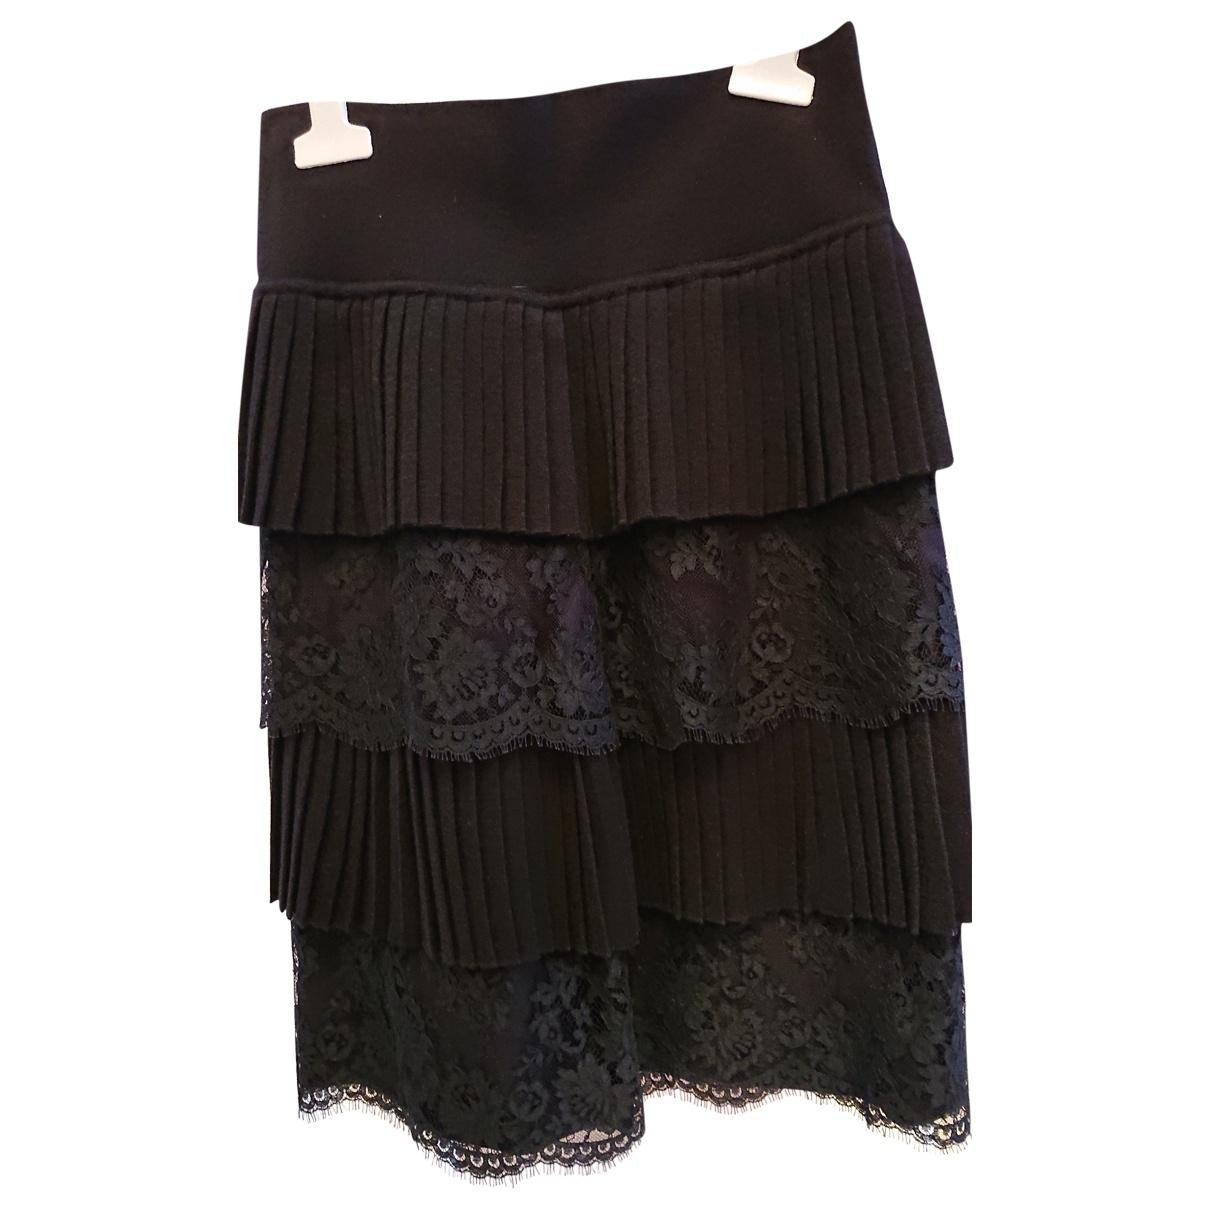 Valentino Garavani \N Black Wool skirt for Women 36 FR